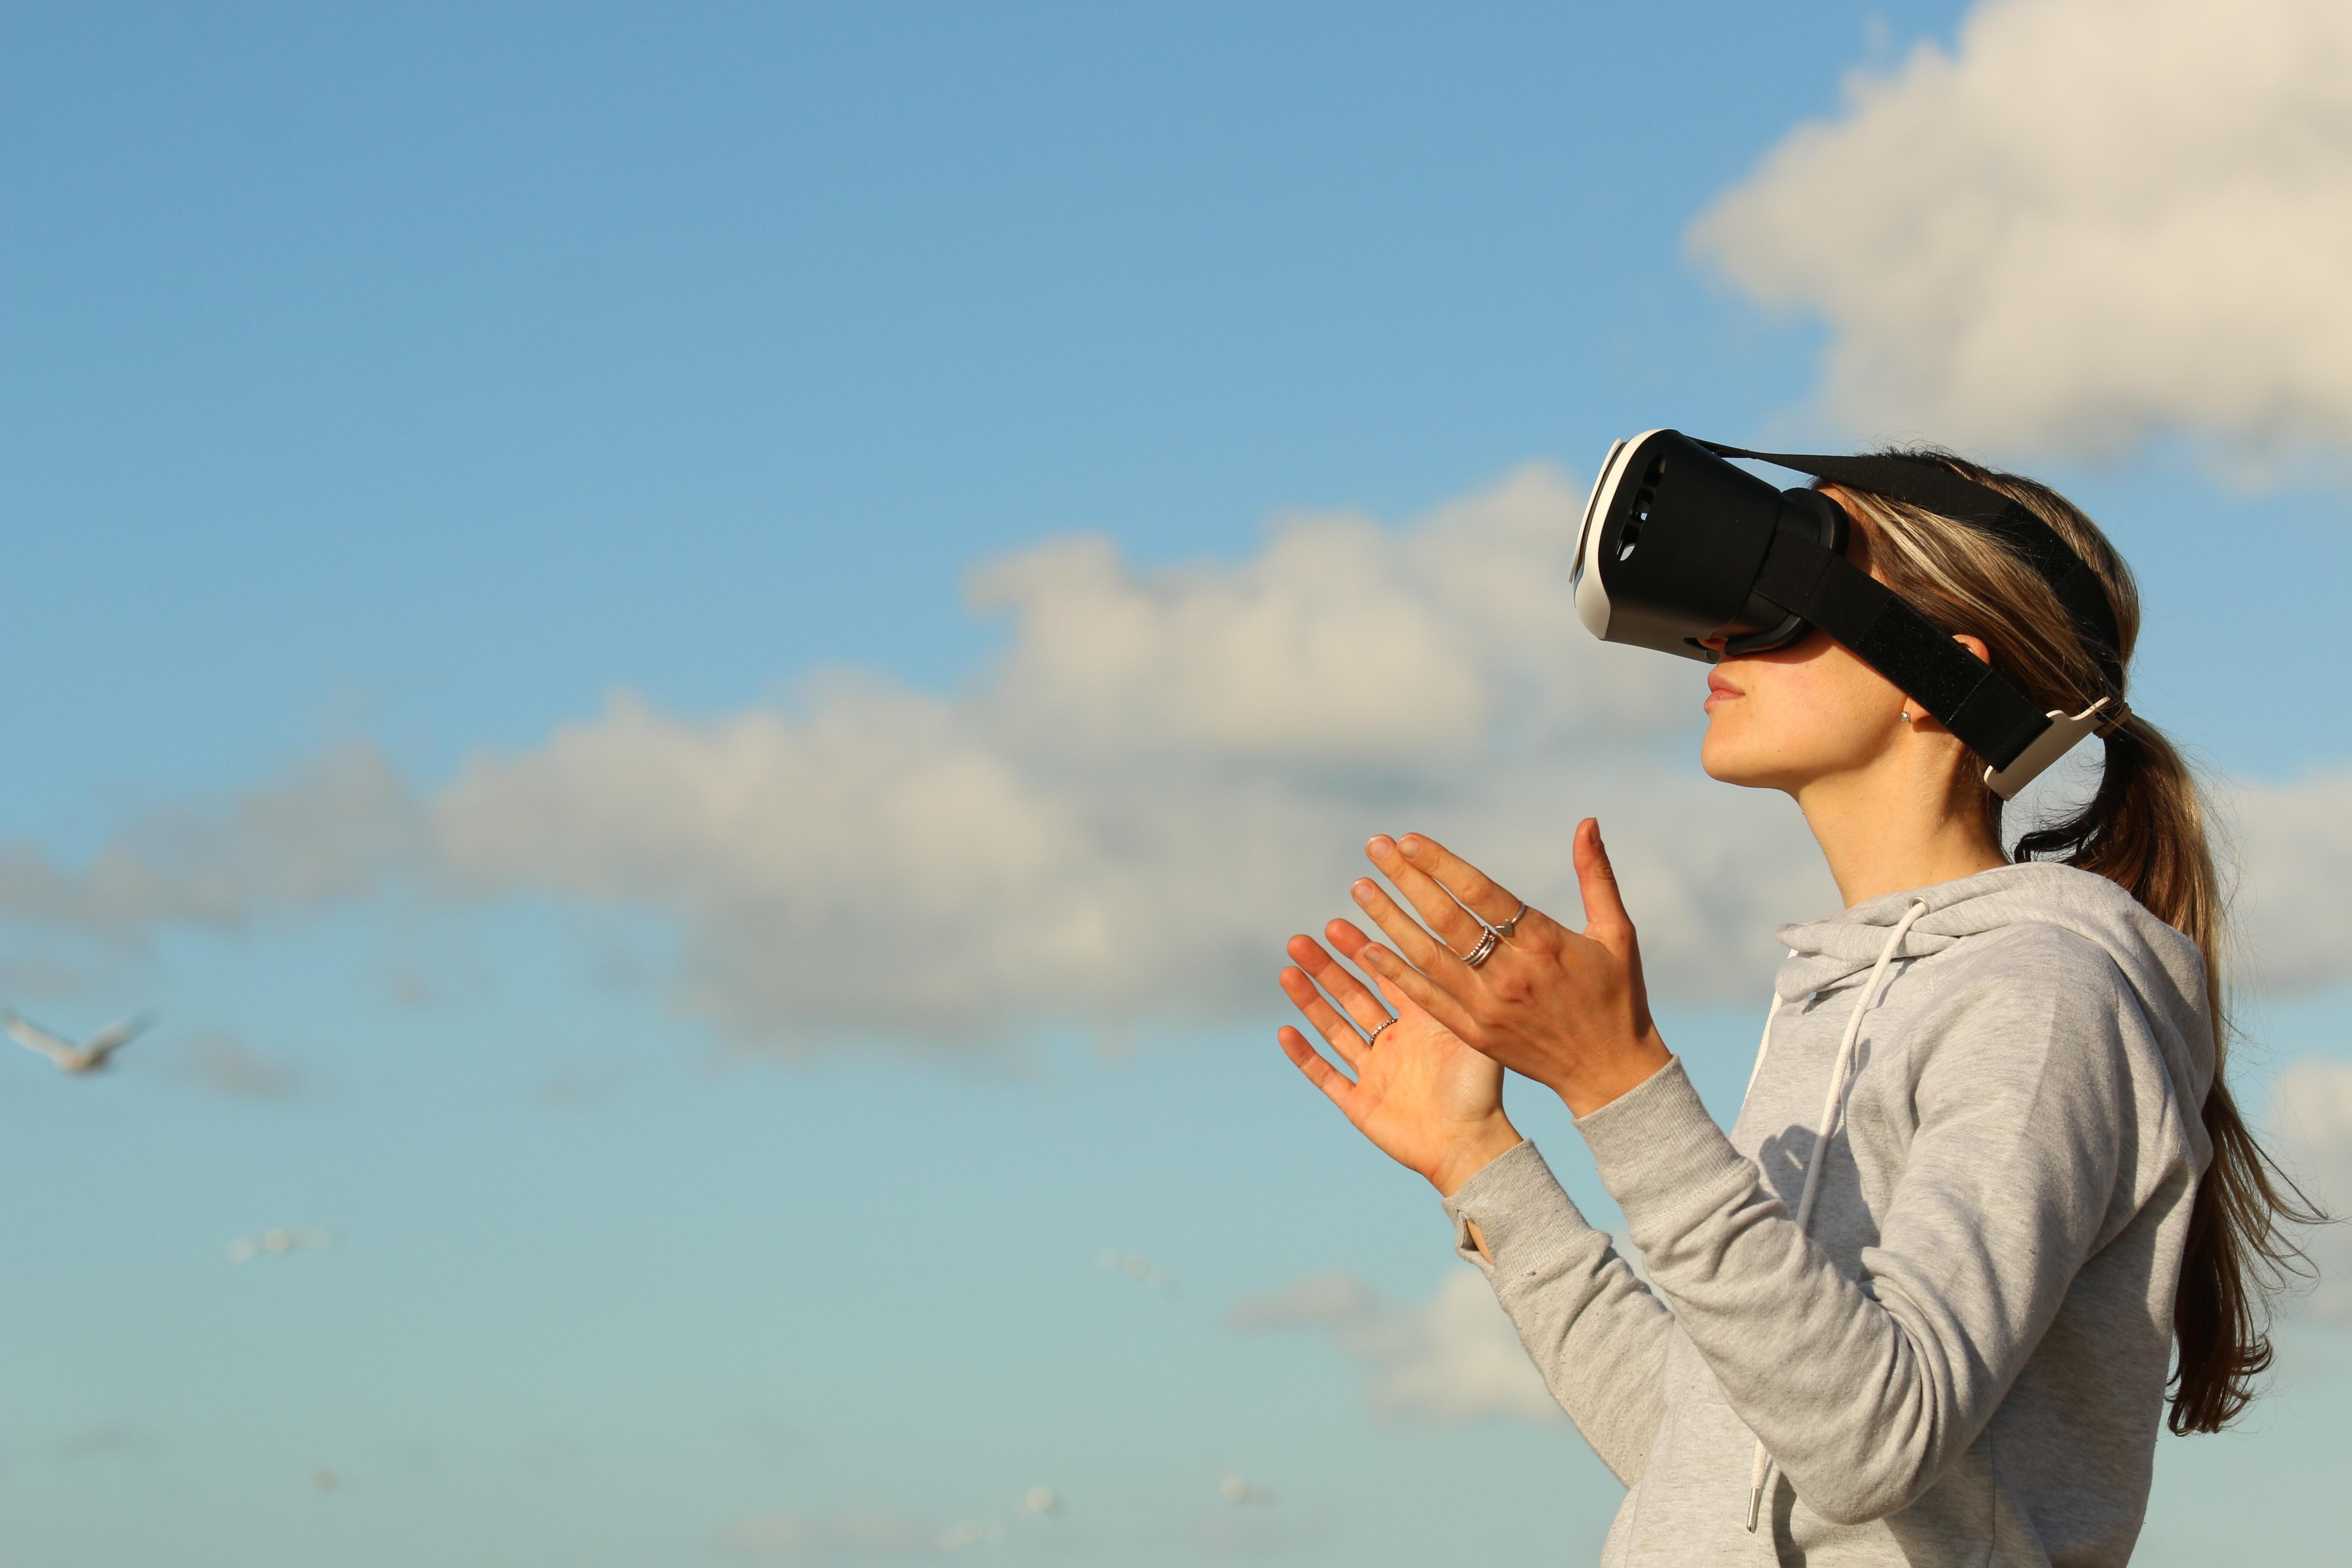 Diez innovaciones que ya están cambiando nuestras